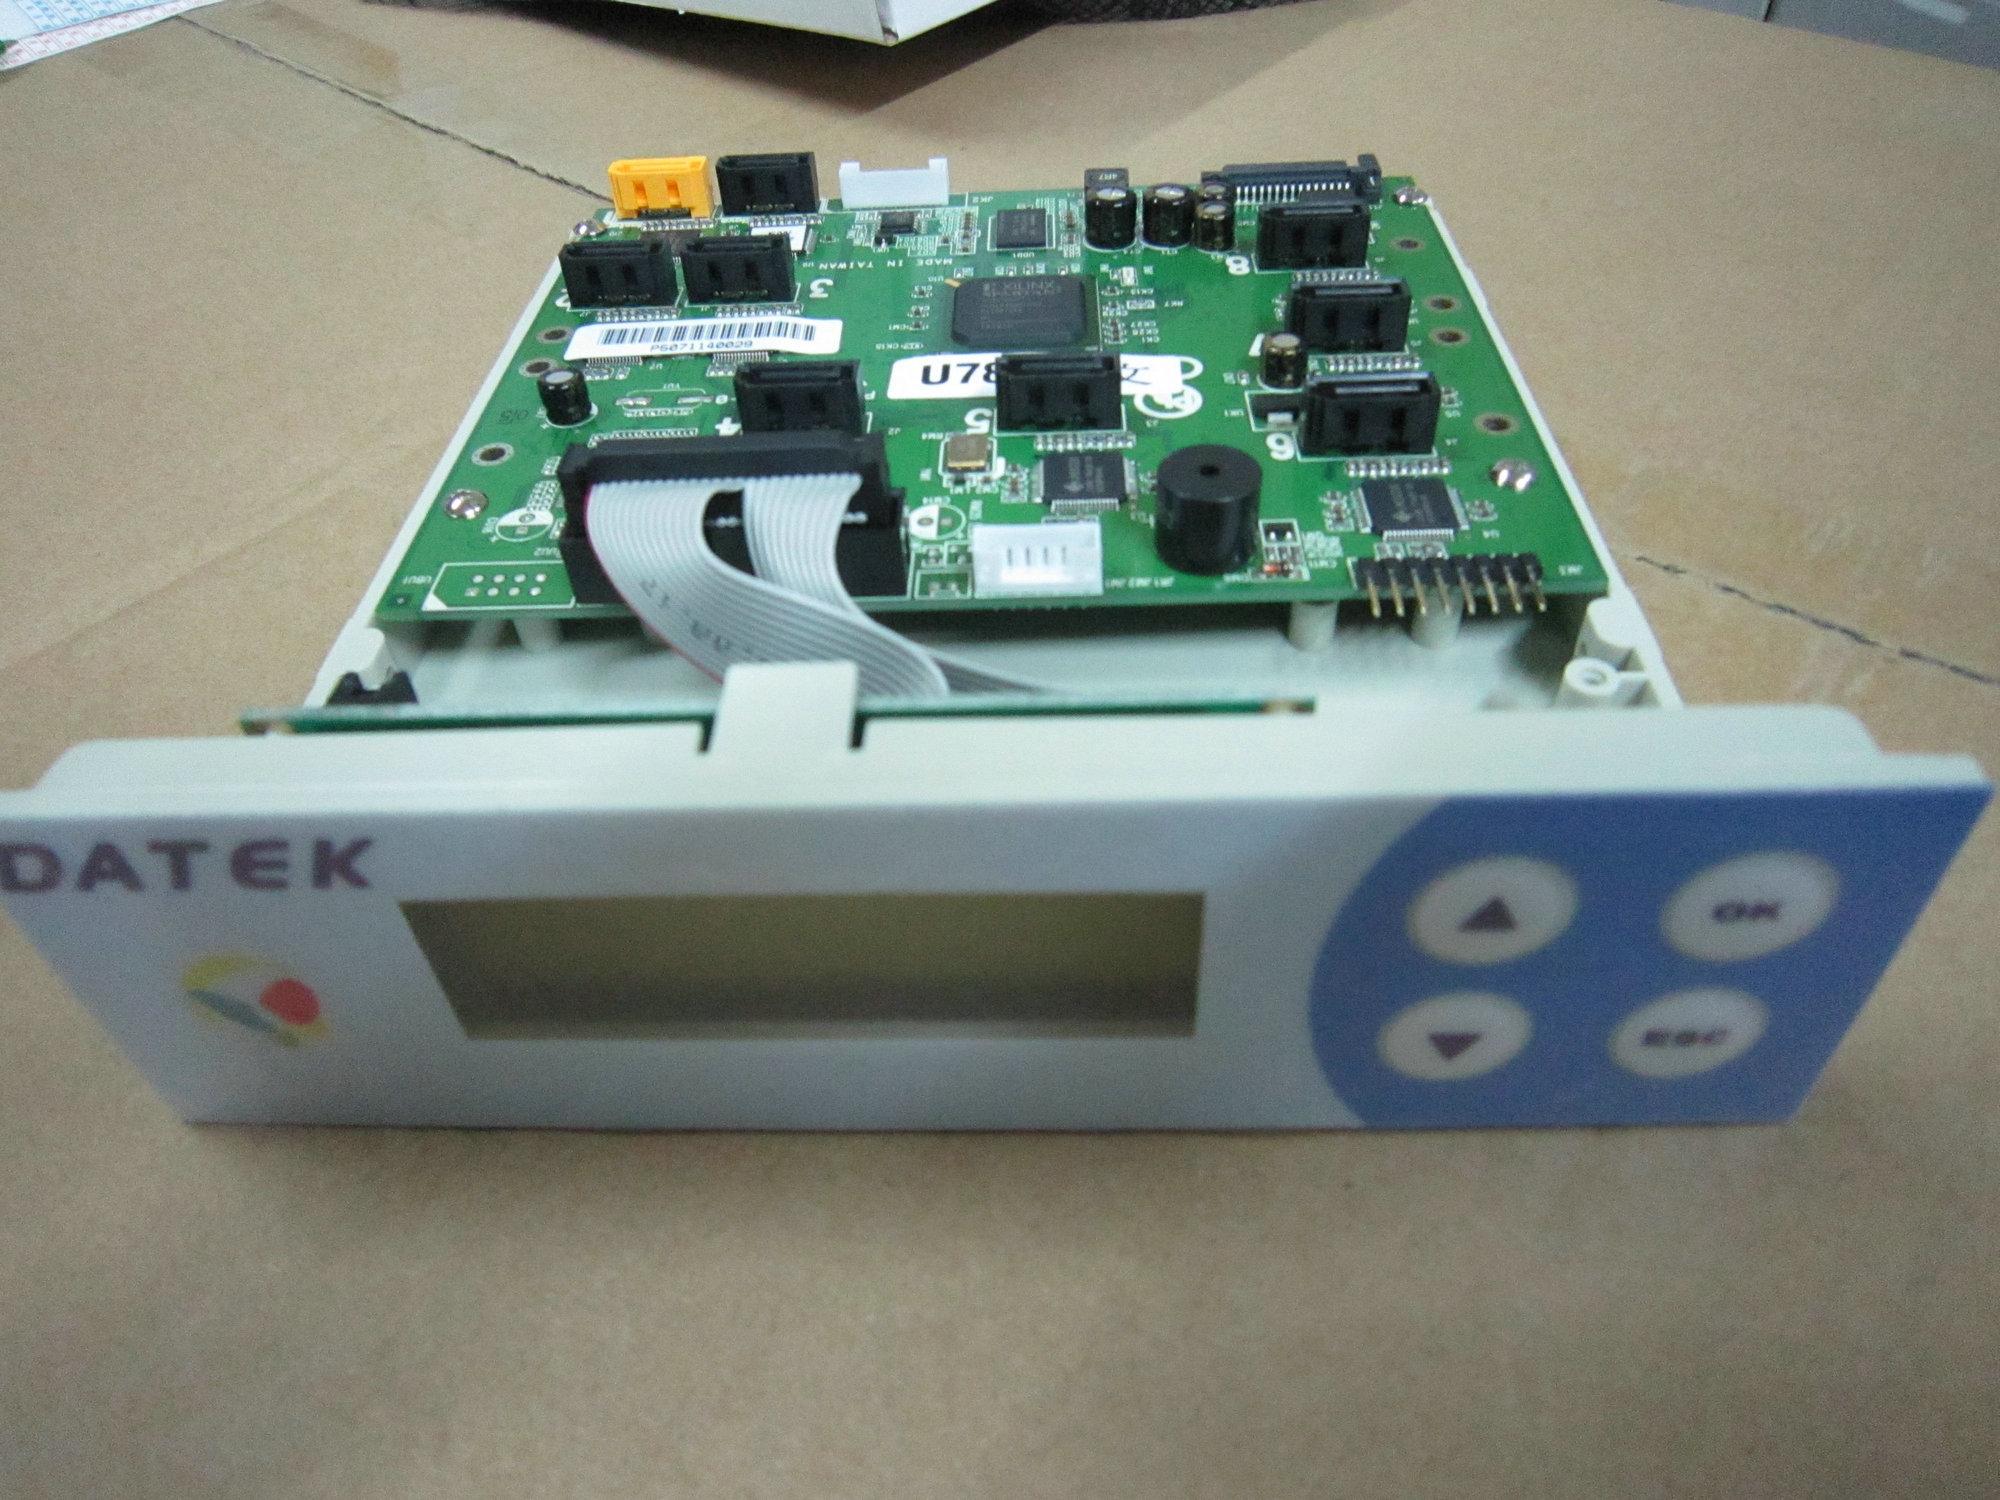 Тайвань мораль семья бить моллюск машинально контролер U788 cd бить моллюск машинально cd башня бить моллюск башня бить моллюск машинально контроль